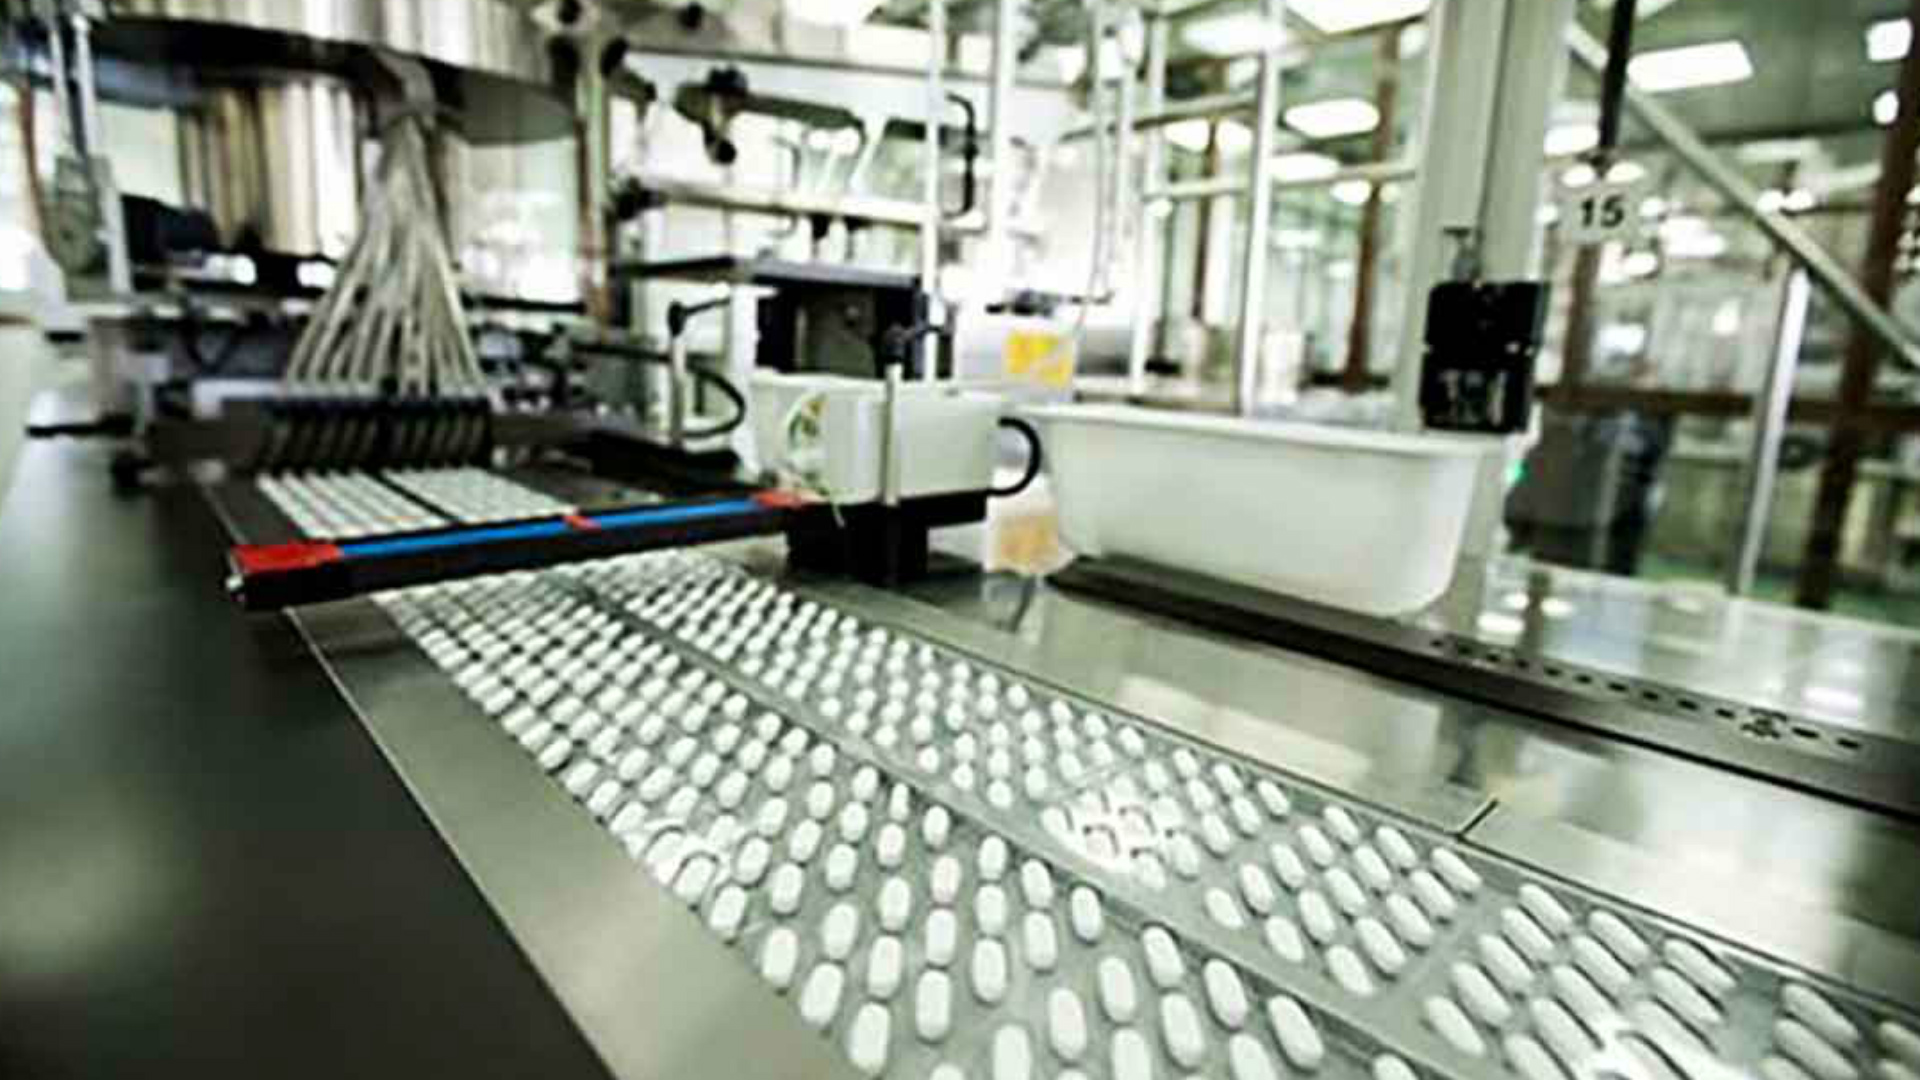 العتبة الحسينية تعلن أفتتاح أكبر معمل أدوية في العراق في آب